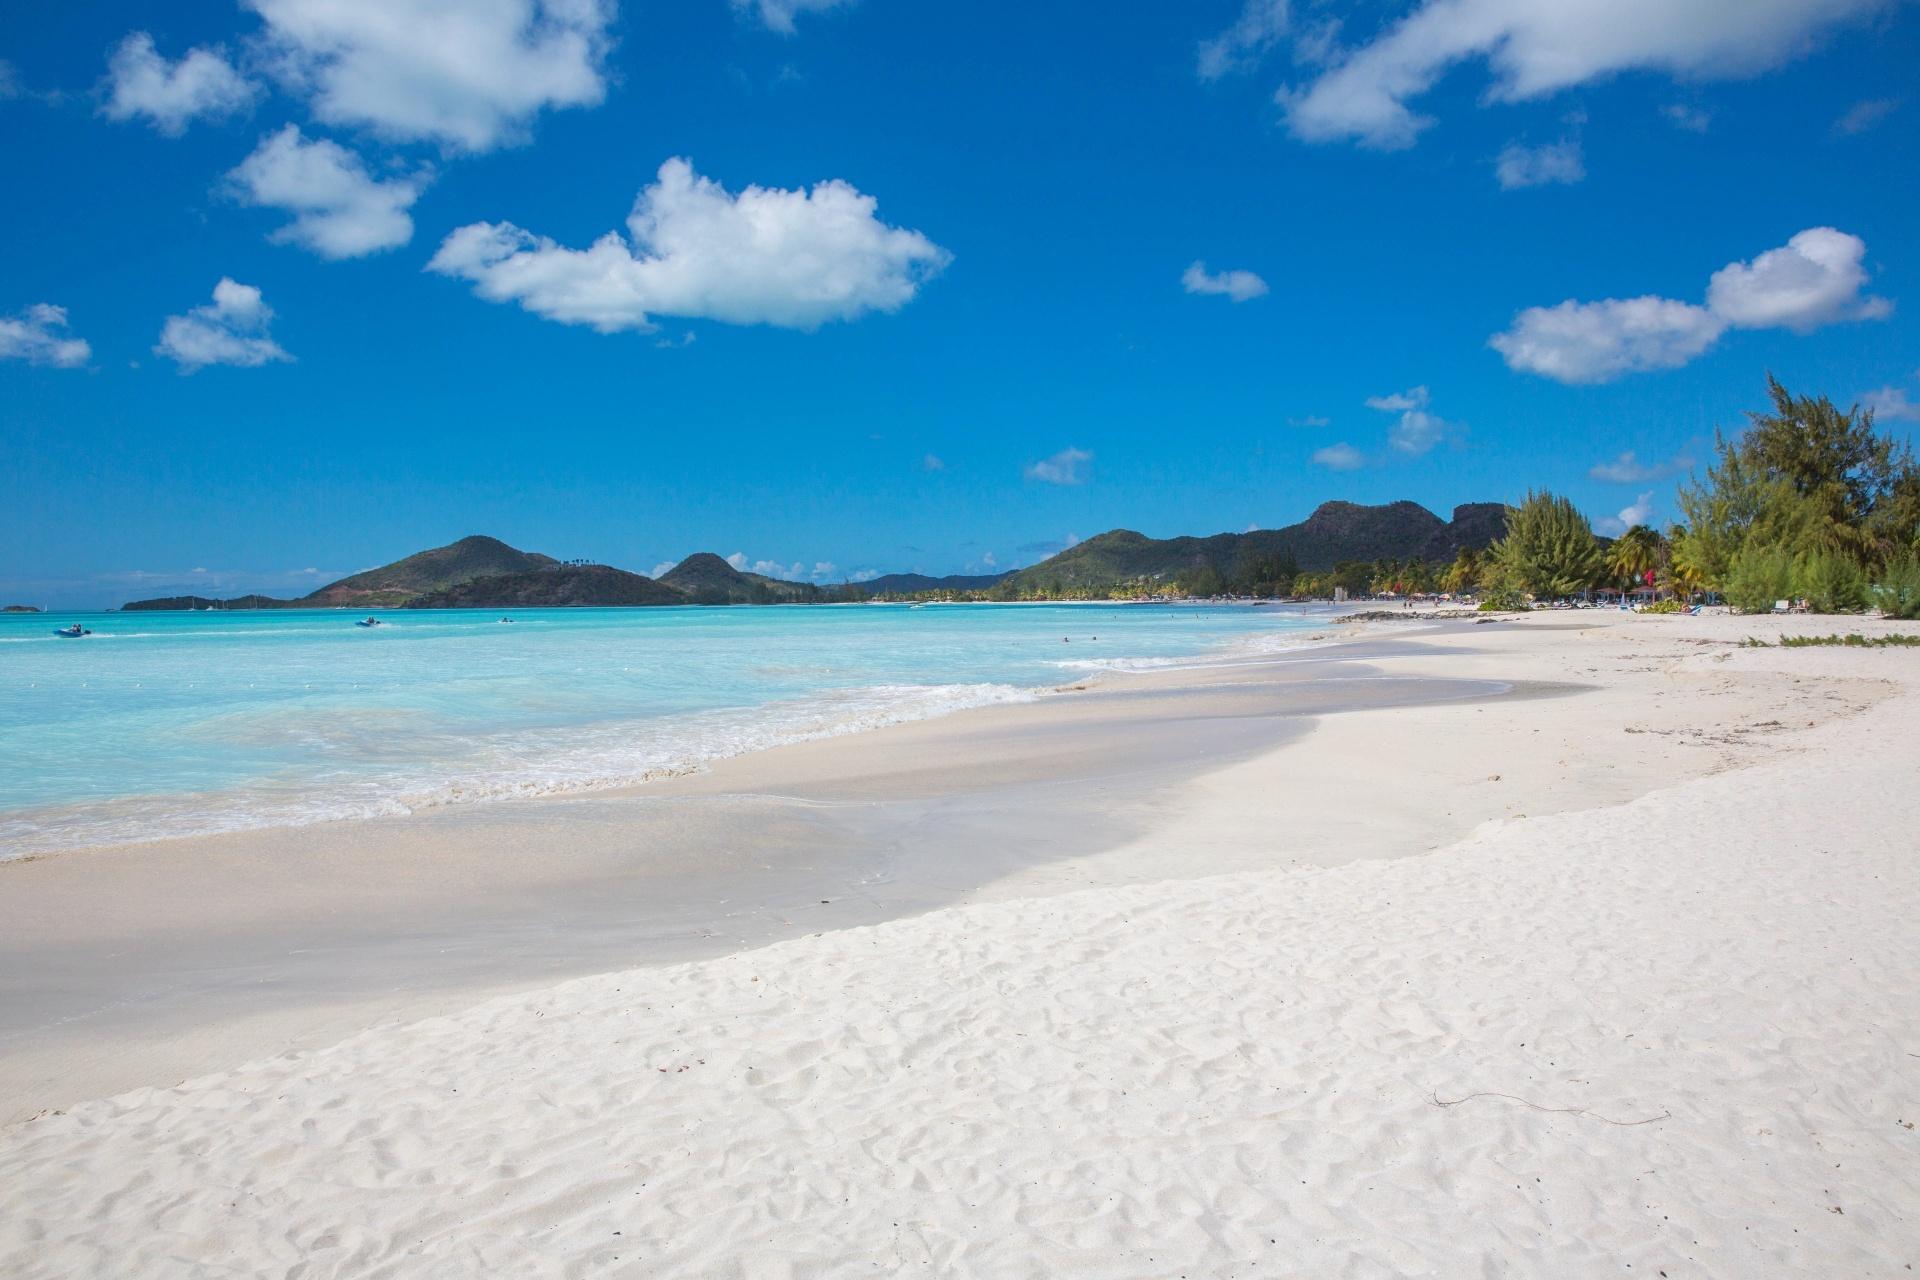 青い空とビーチの風景 アンティグア・バーブーダの風景